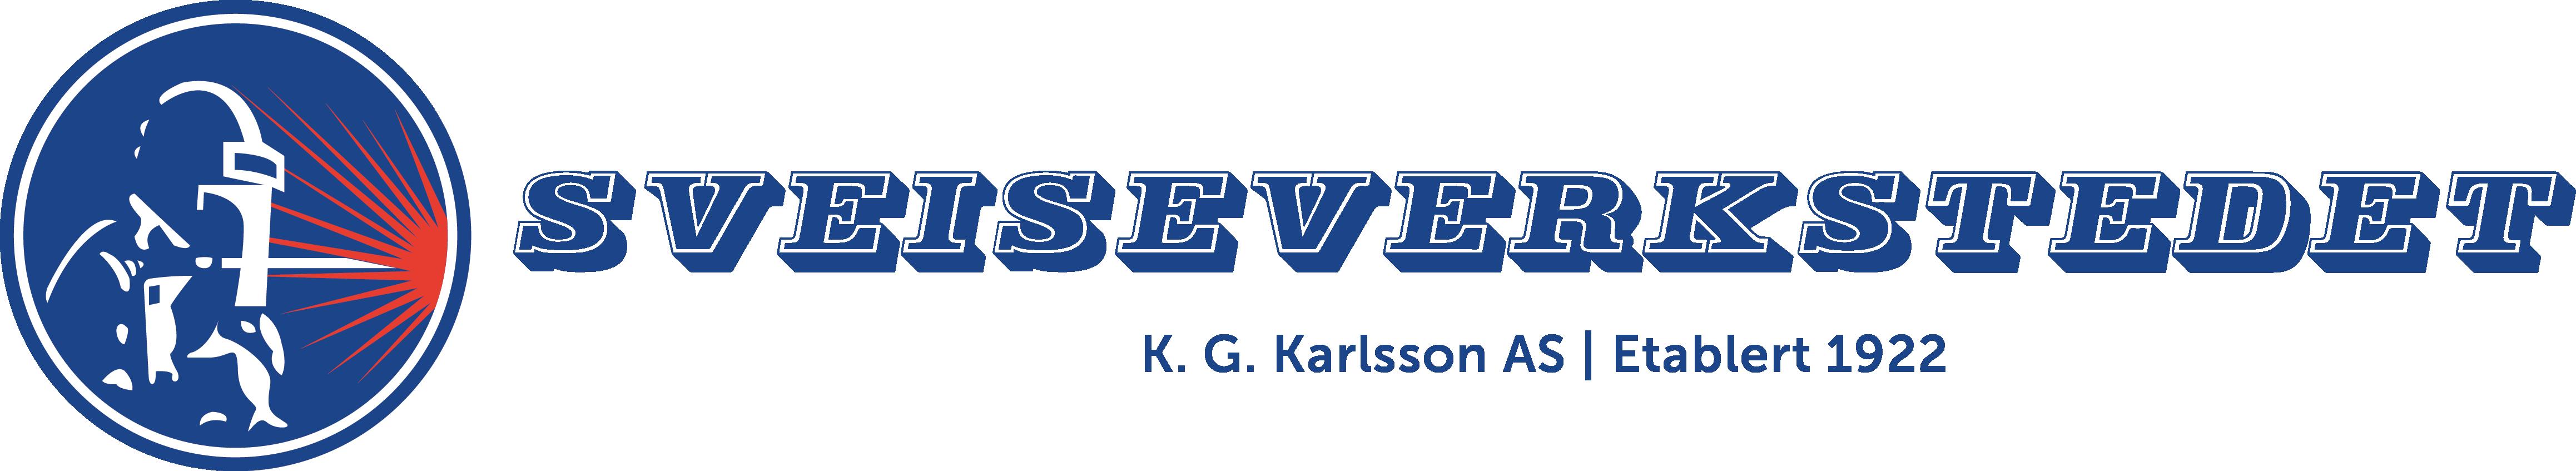 Sveiseverkstedet K. G. Karlsson AS